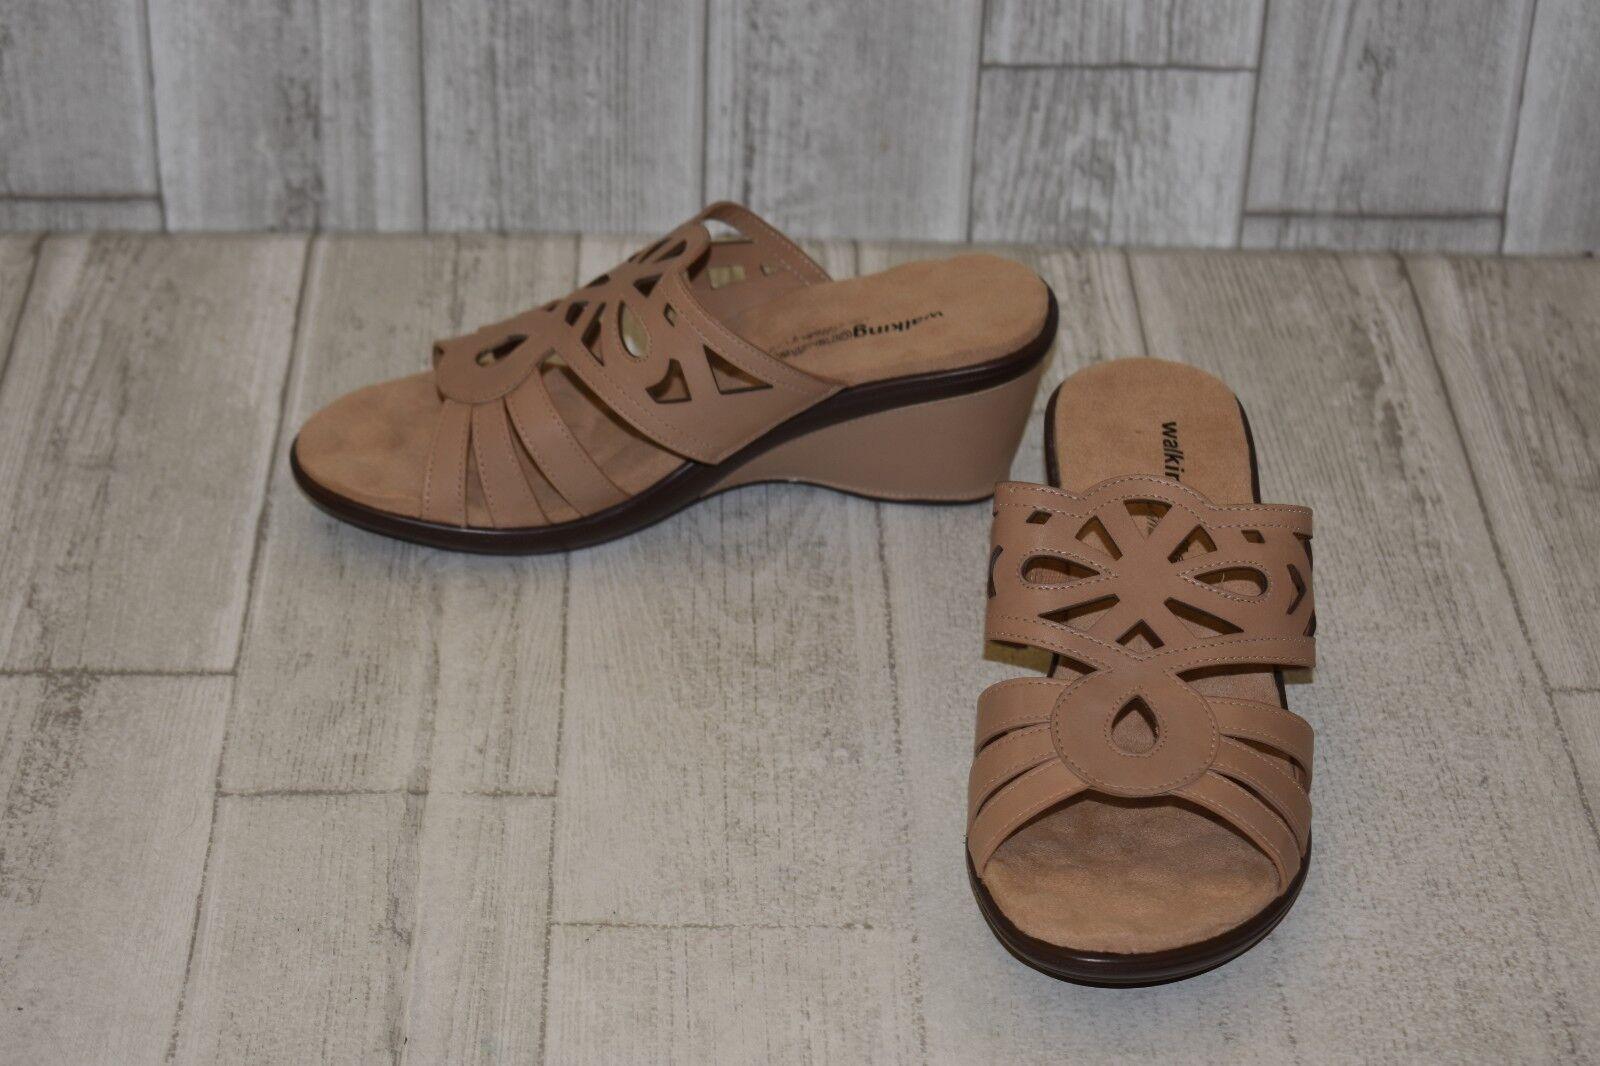 Walking Cradles Logan Sandalia De Cuña-mujer 'S Talla 9.5W 9.5W 9.5W - Marrón claro  mejor calidad mejor precio